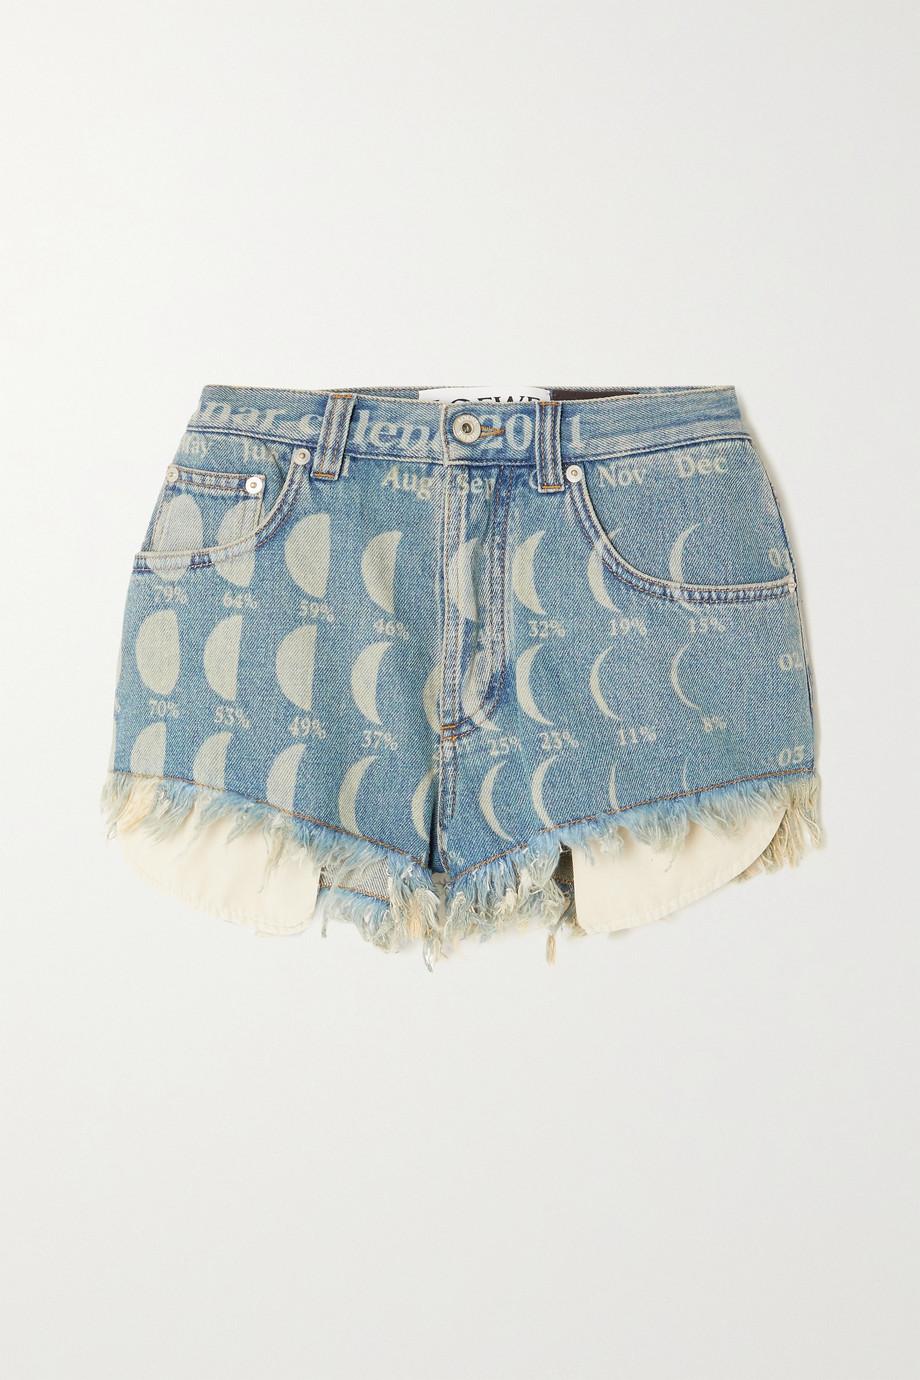 Loewe Short en jean effet vieilli imprimé x Paula's Ibiza